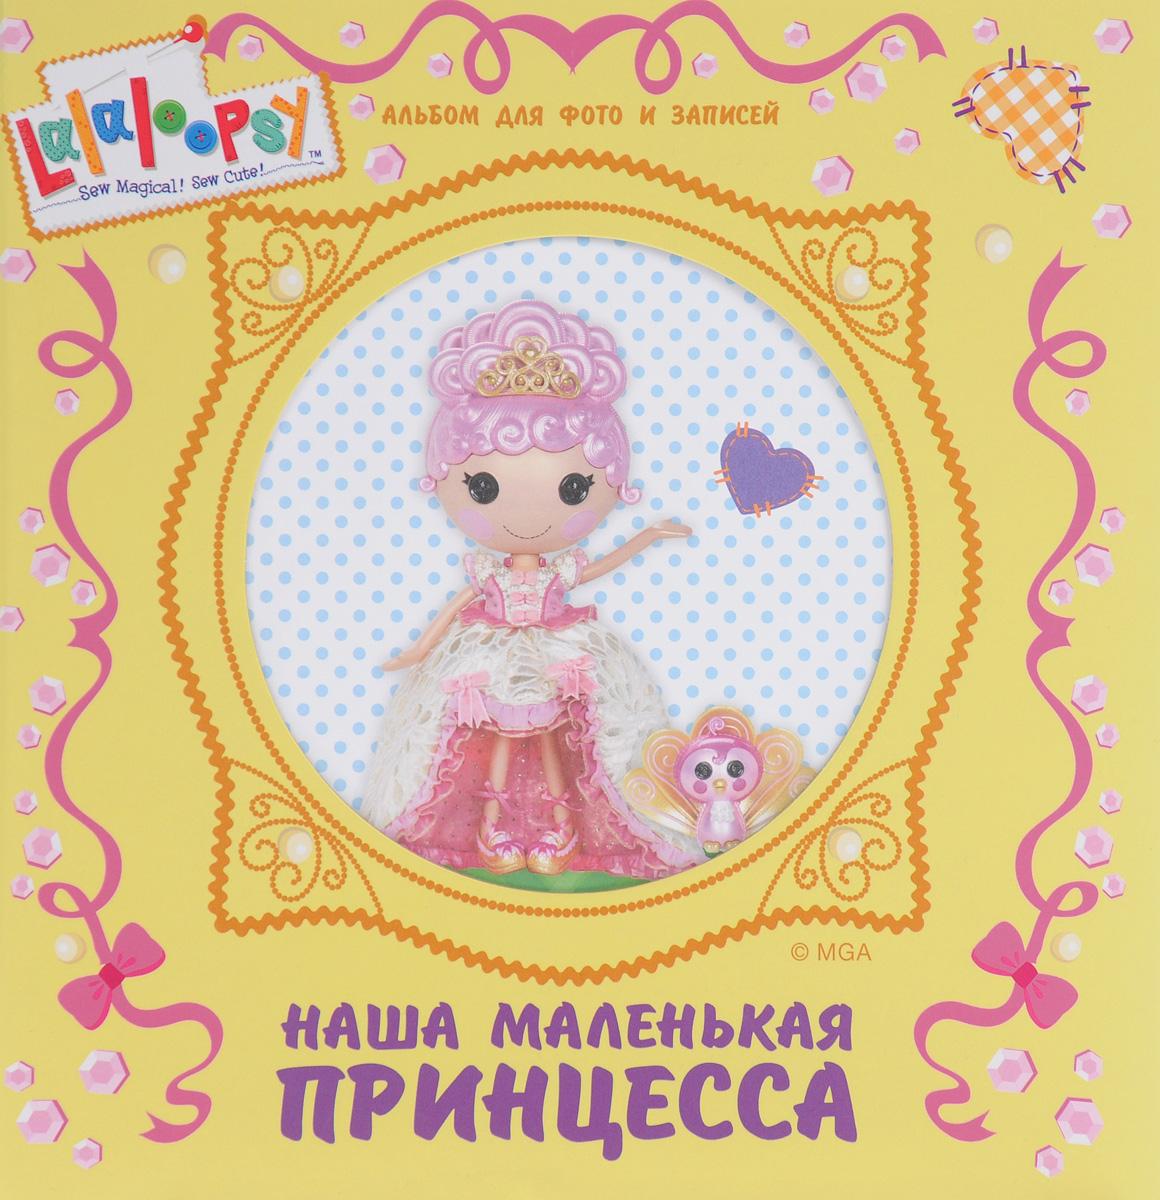 Наша маленькая принцесса. Альбом для фото и записей ( 978-5-378-25474-3 )